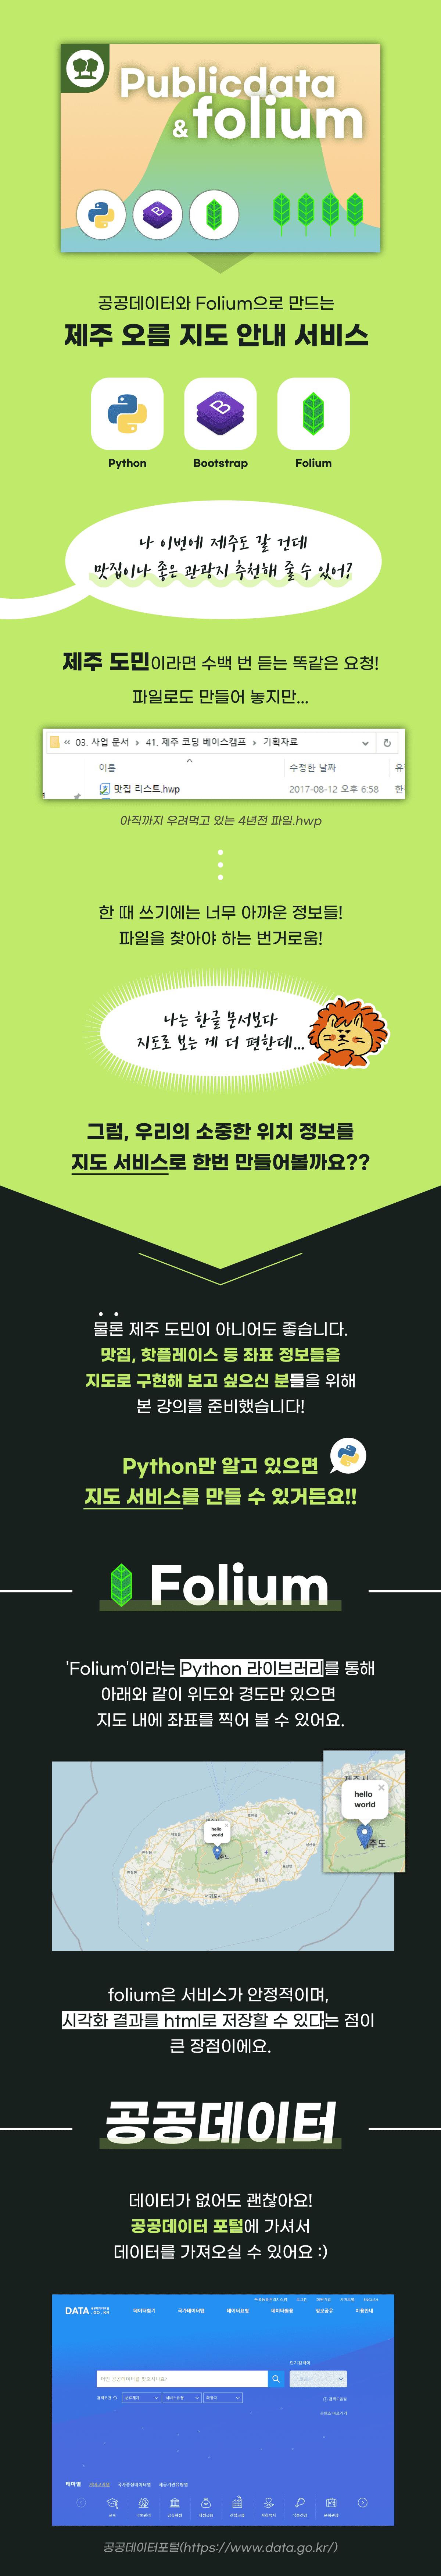 파이썬(Python), 폴리움(Folium), 판다스(Pandas), 부트스트랩(Bootstrap), 깃헙(Github), 구글 코랩(Google Colab)